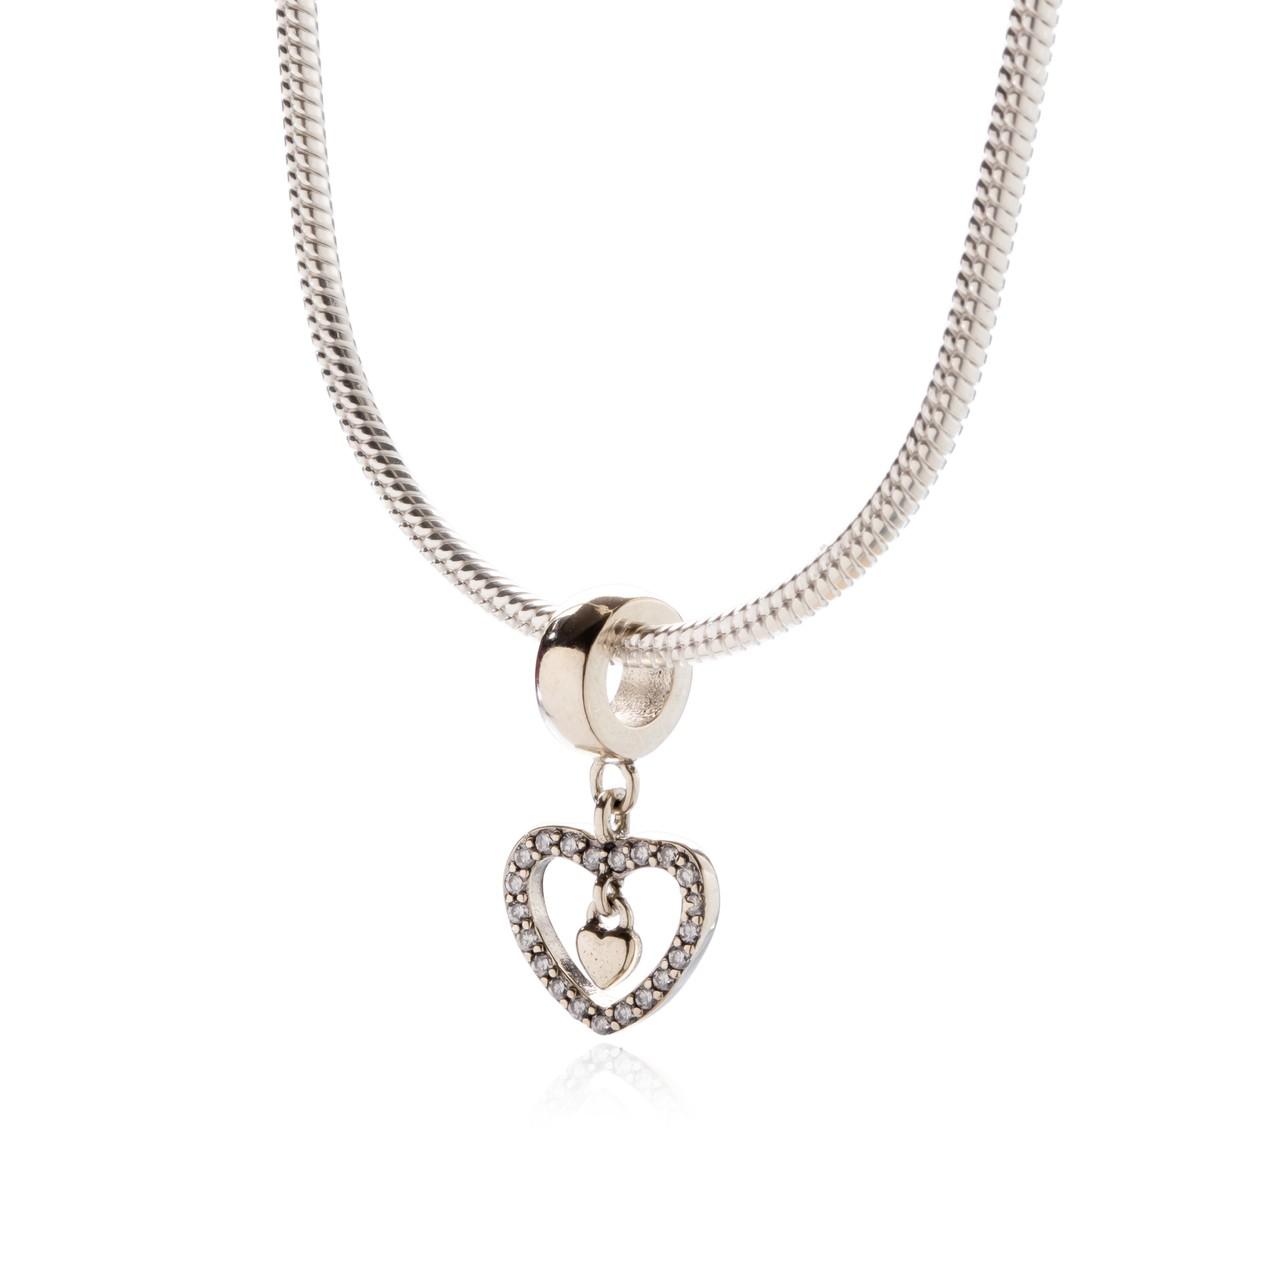 Berloque Coração Zircônias Cristal Prata 925